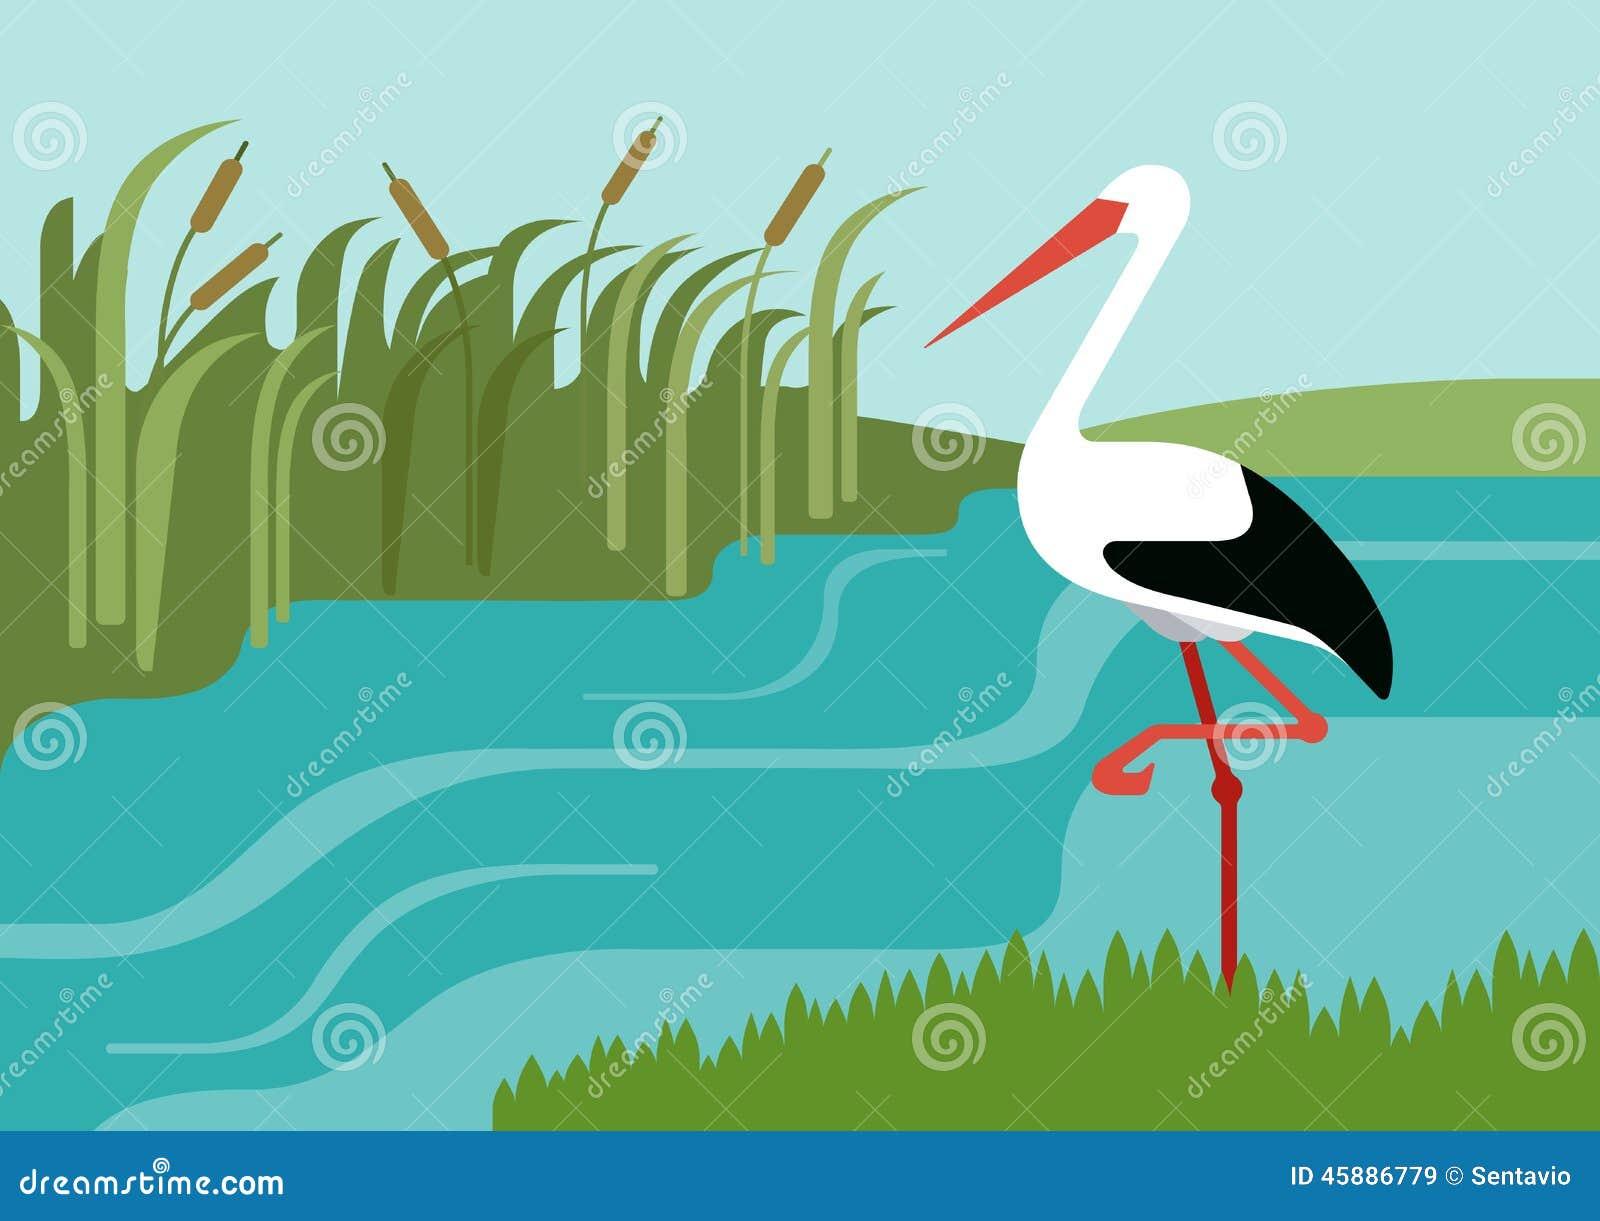 banco de jardim vetor:Vector River Cartoon